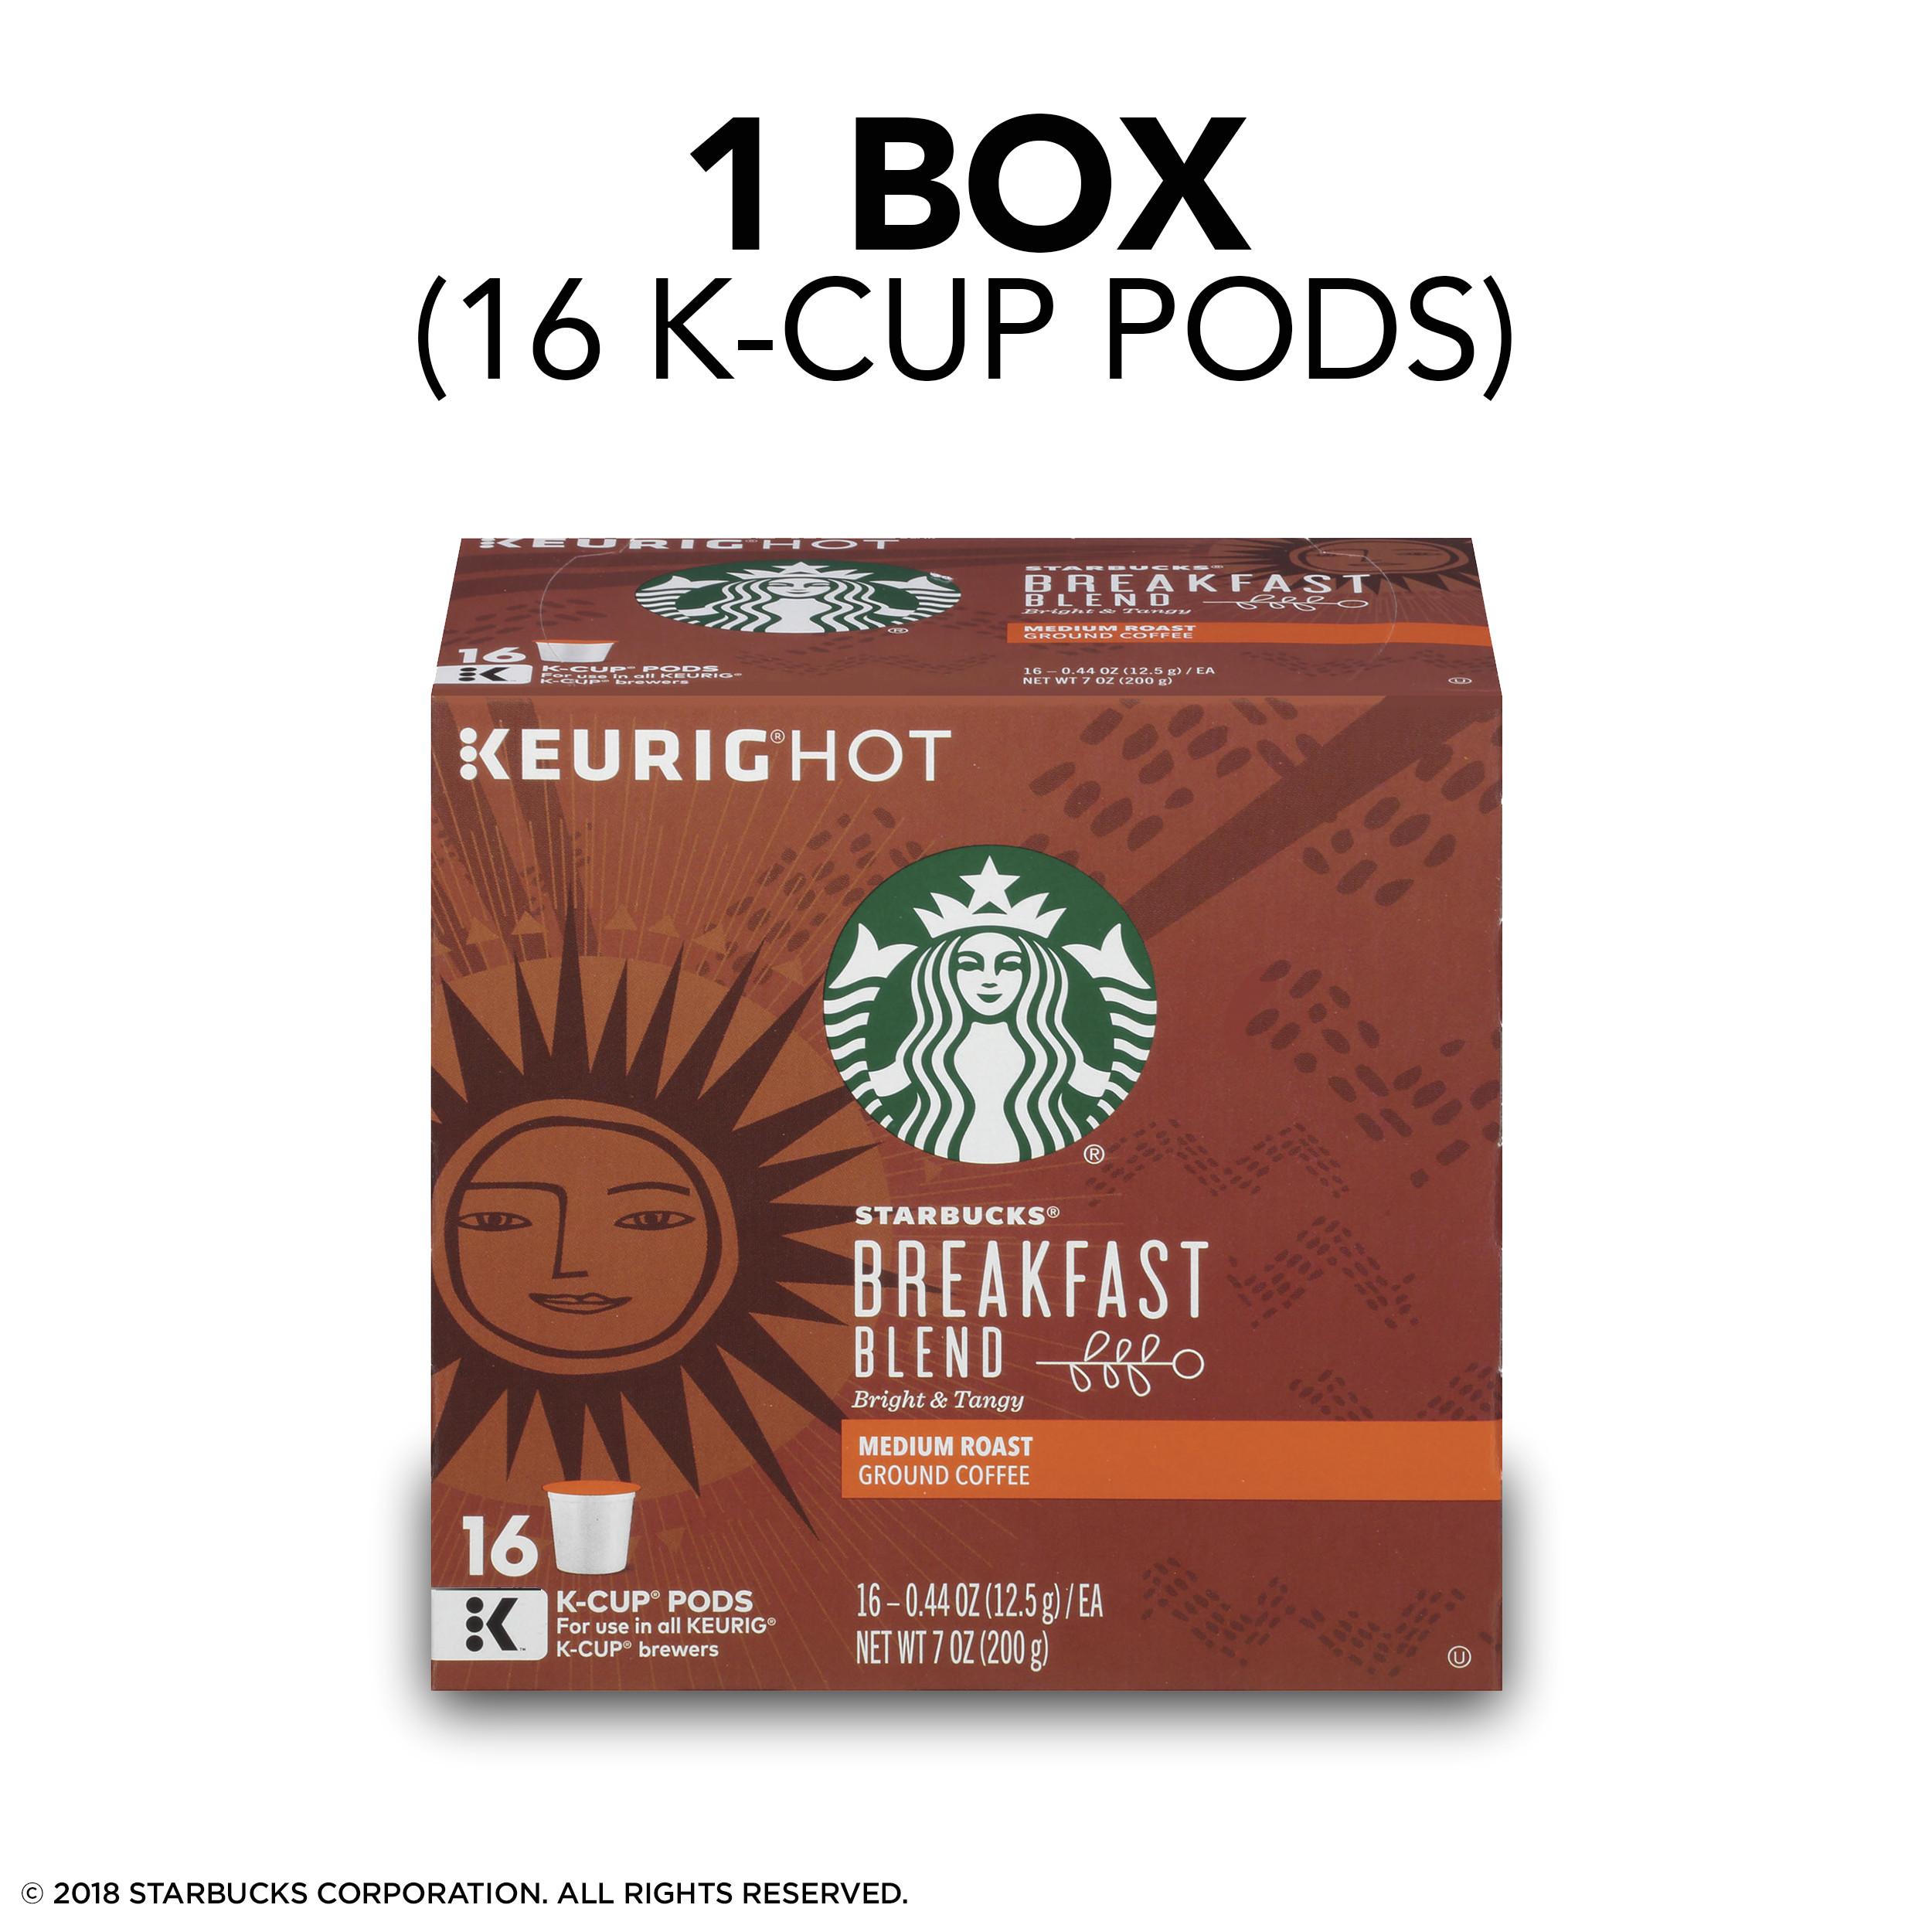 Coffee Prices at Circle K Starbucks Breakfast Blend Medium Roast Single Cup Coffee for Keurig